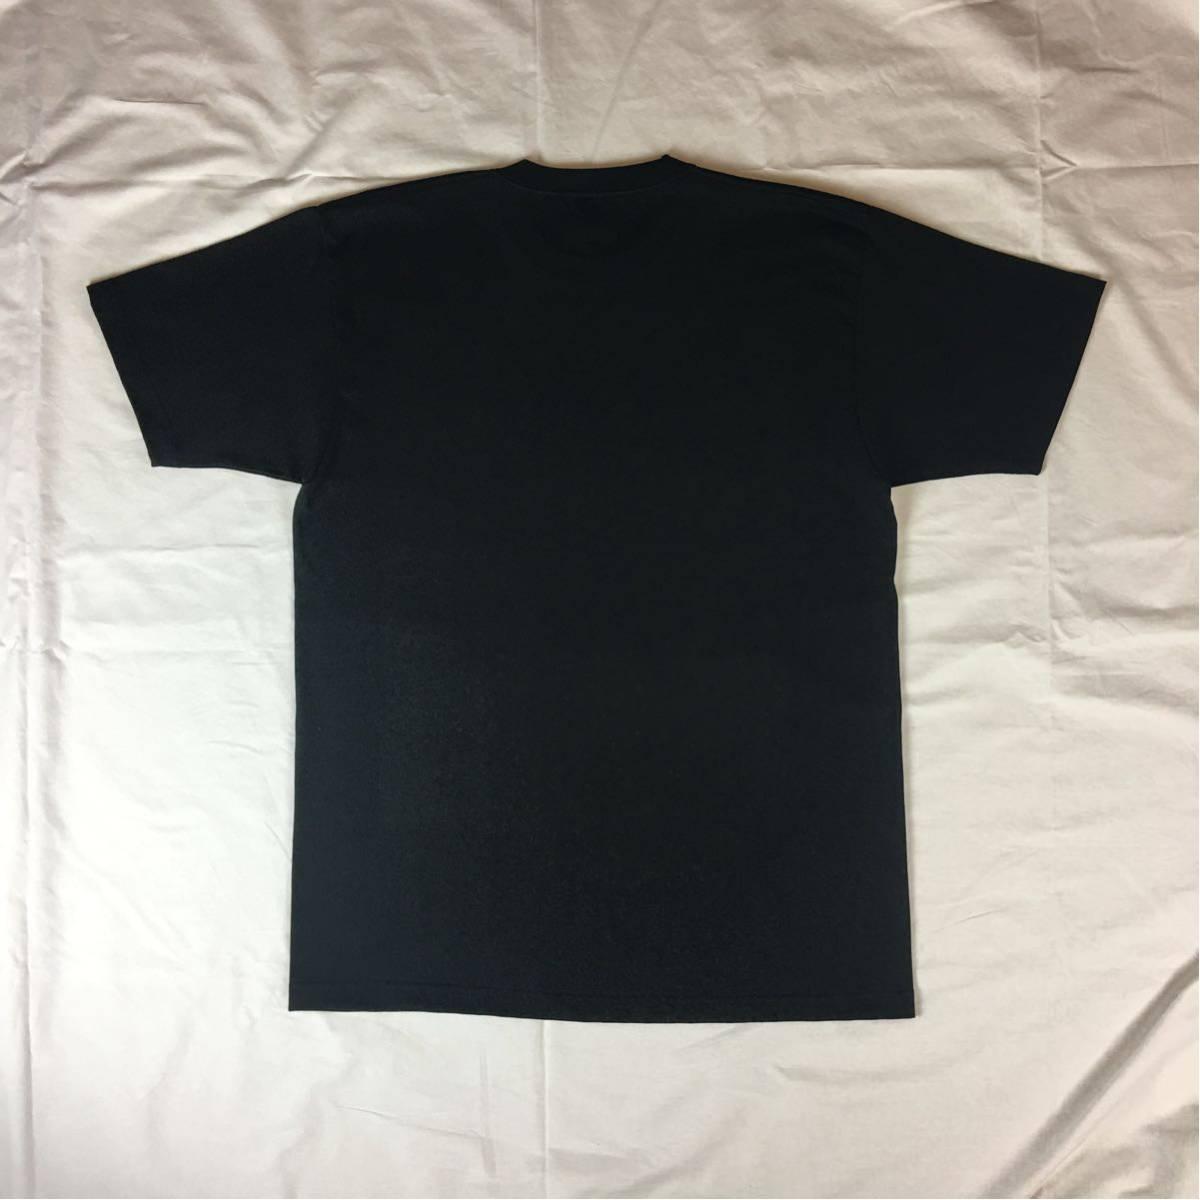 新品 大きい サイズ 専門 XXL~5XL ベーブルース ニューヨーク NY ヤンキース オーバー シルエット ビッグ 黒 Tシャツ ロンT 長袖 対応 OK_画像10